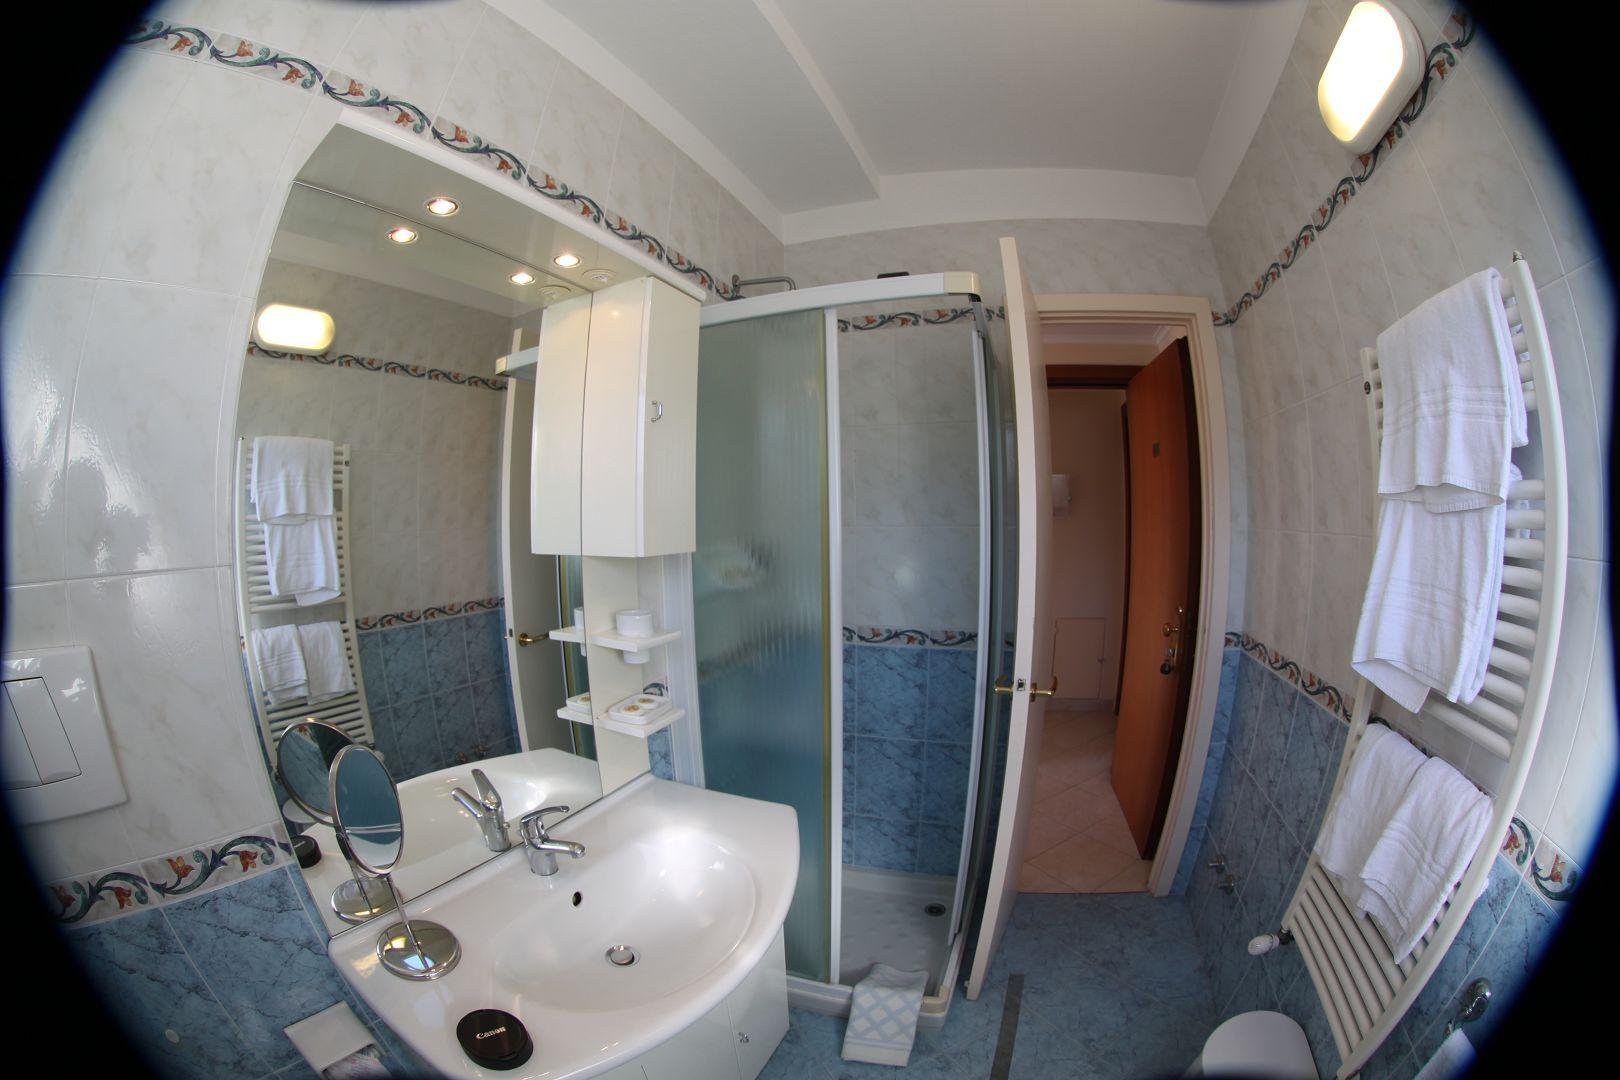 Hotel Stella camera per 1 persona | bagno grande |letto alla ...